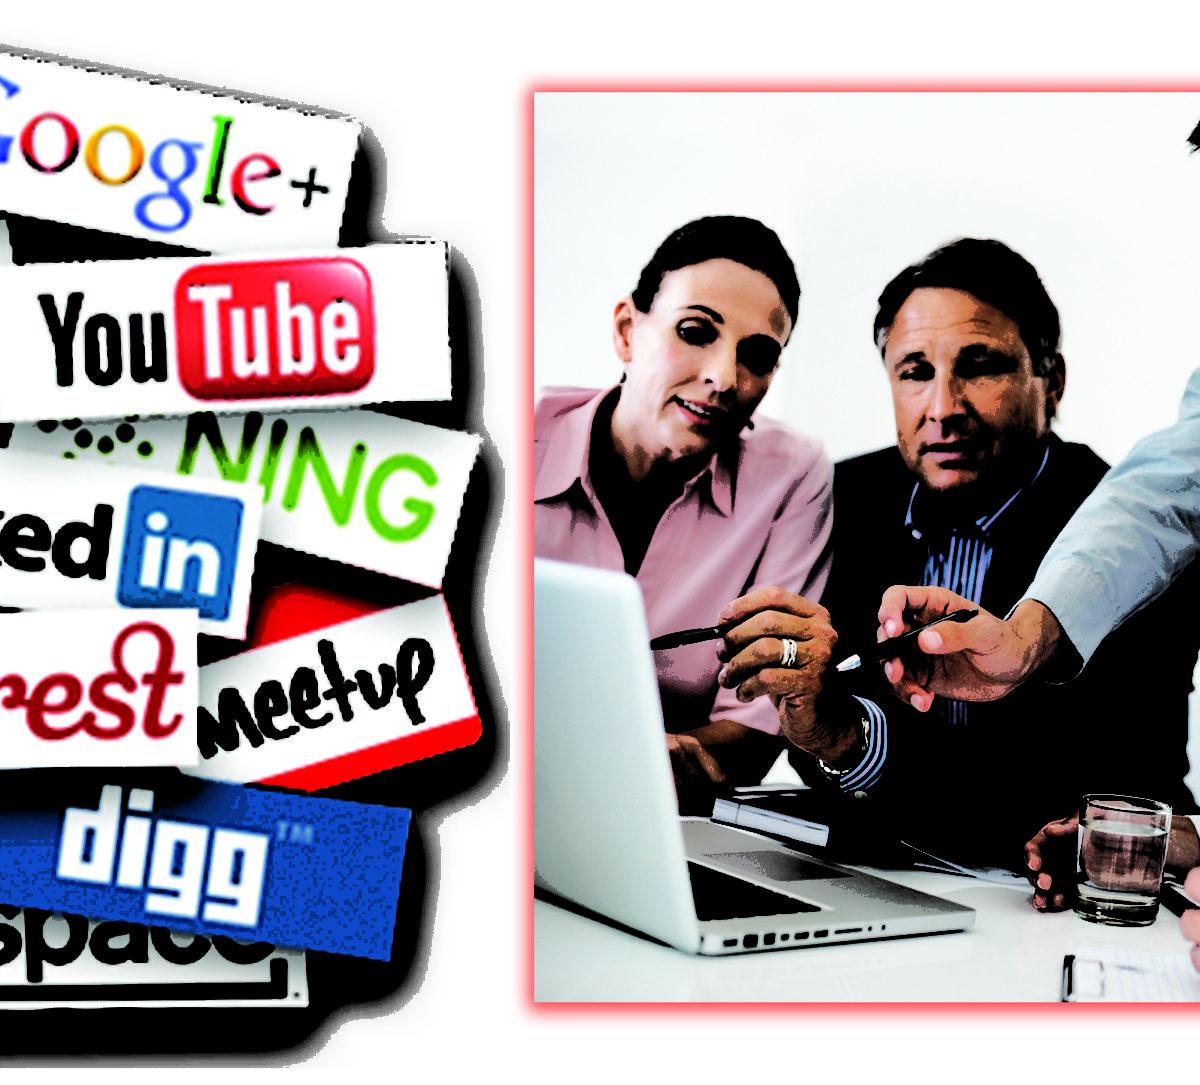 """Upisi u tijeku: """"Društvene mreže, email, web stranice i mobilne aplikacije! Najjednostavniji tečaj za korisnike, organizacije i poslovanje!˝"""